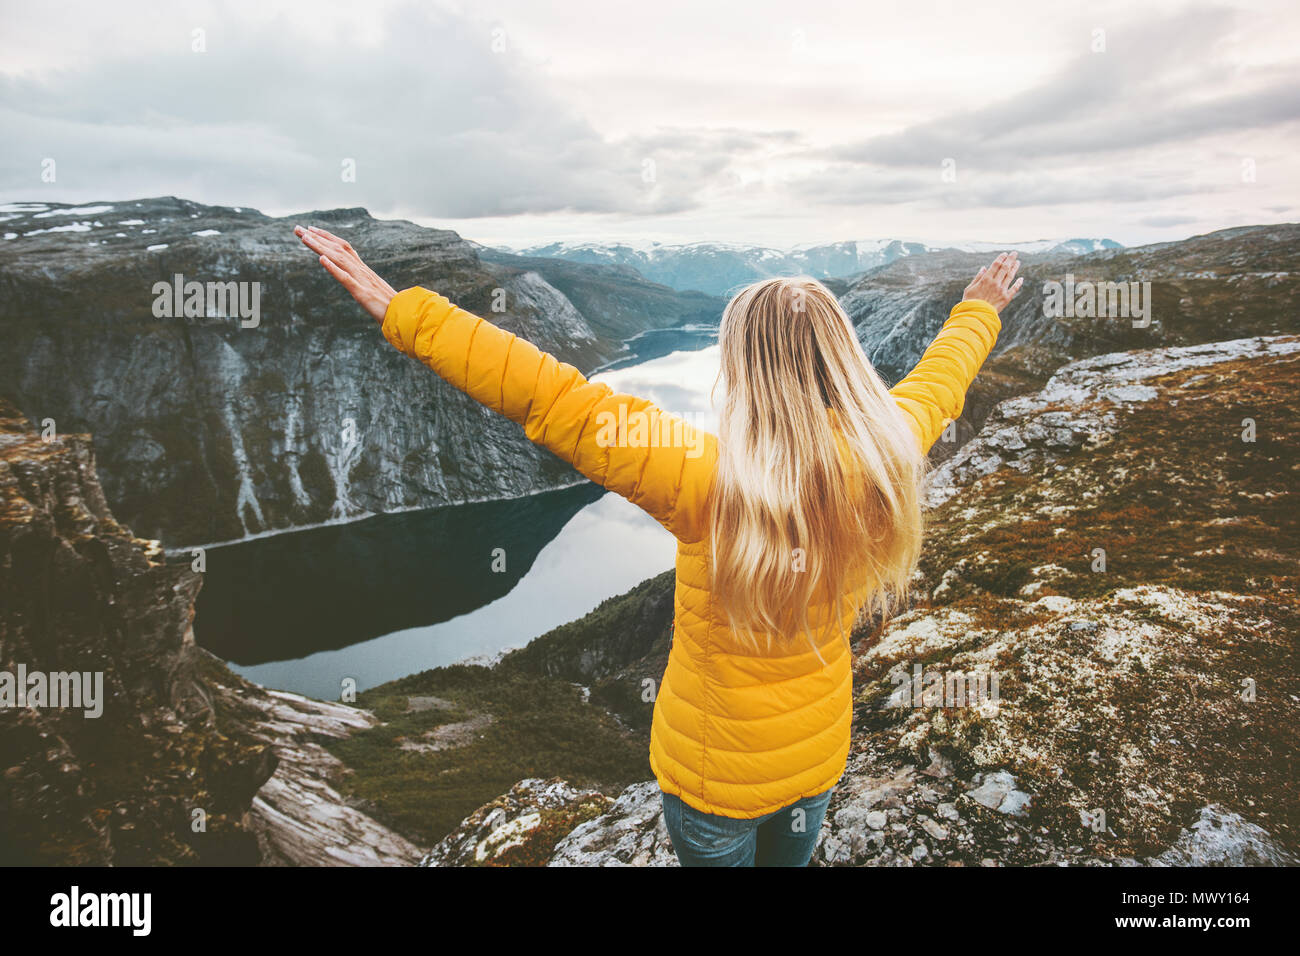 Voyage en montagne en toute sécurité avec une assurance voyage femme soulevées mains bénéficiant d'aventure vacances voyage paysage vie succès l'harmonie avec la nature les émotions Photo Stock